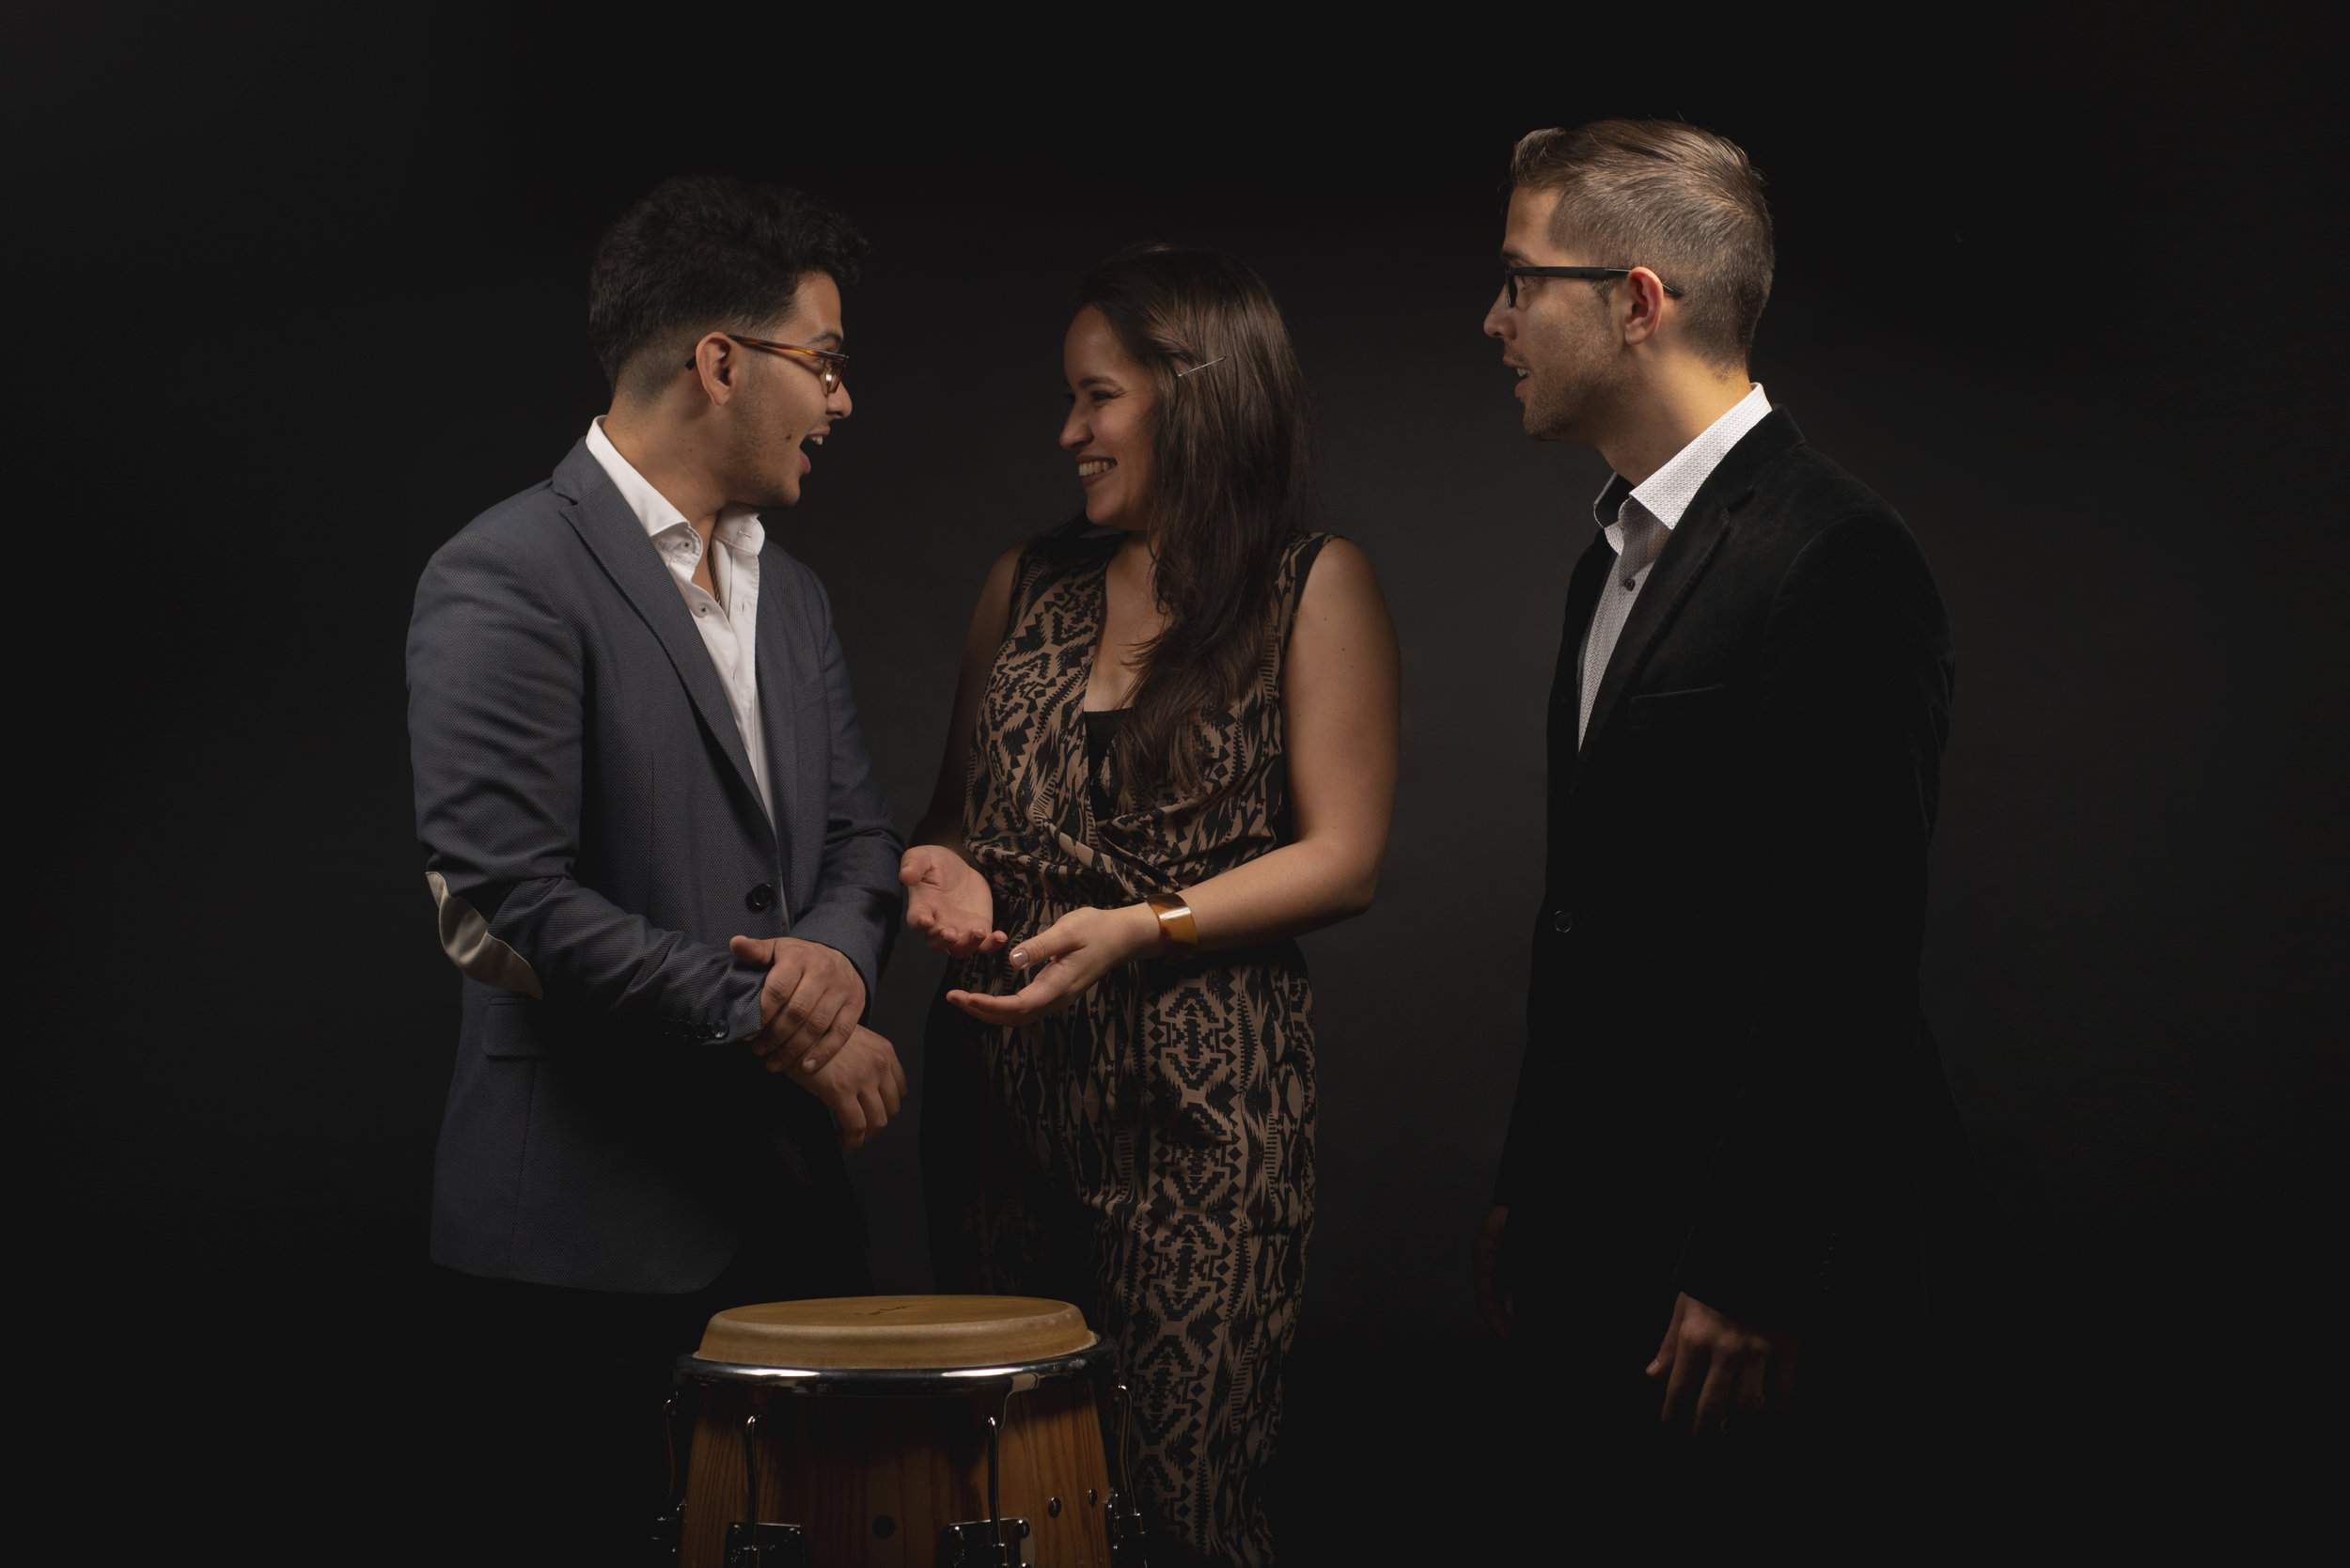 C&B - Trio Project